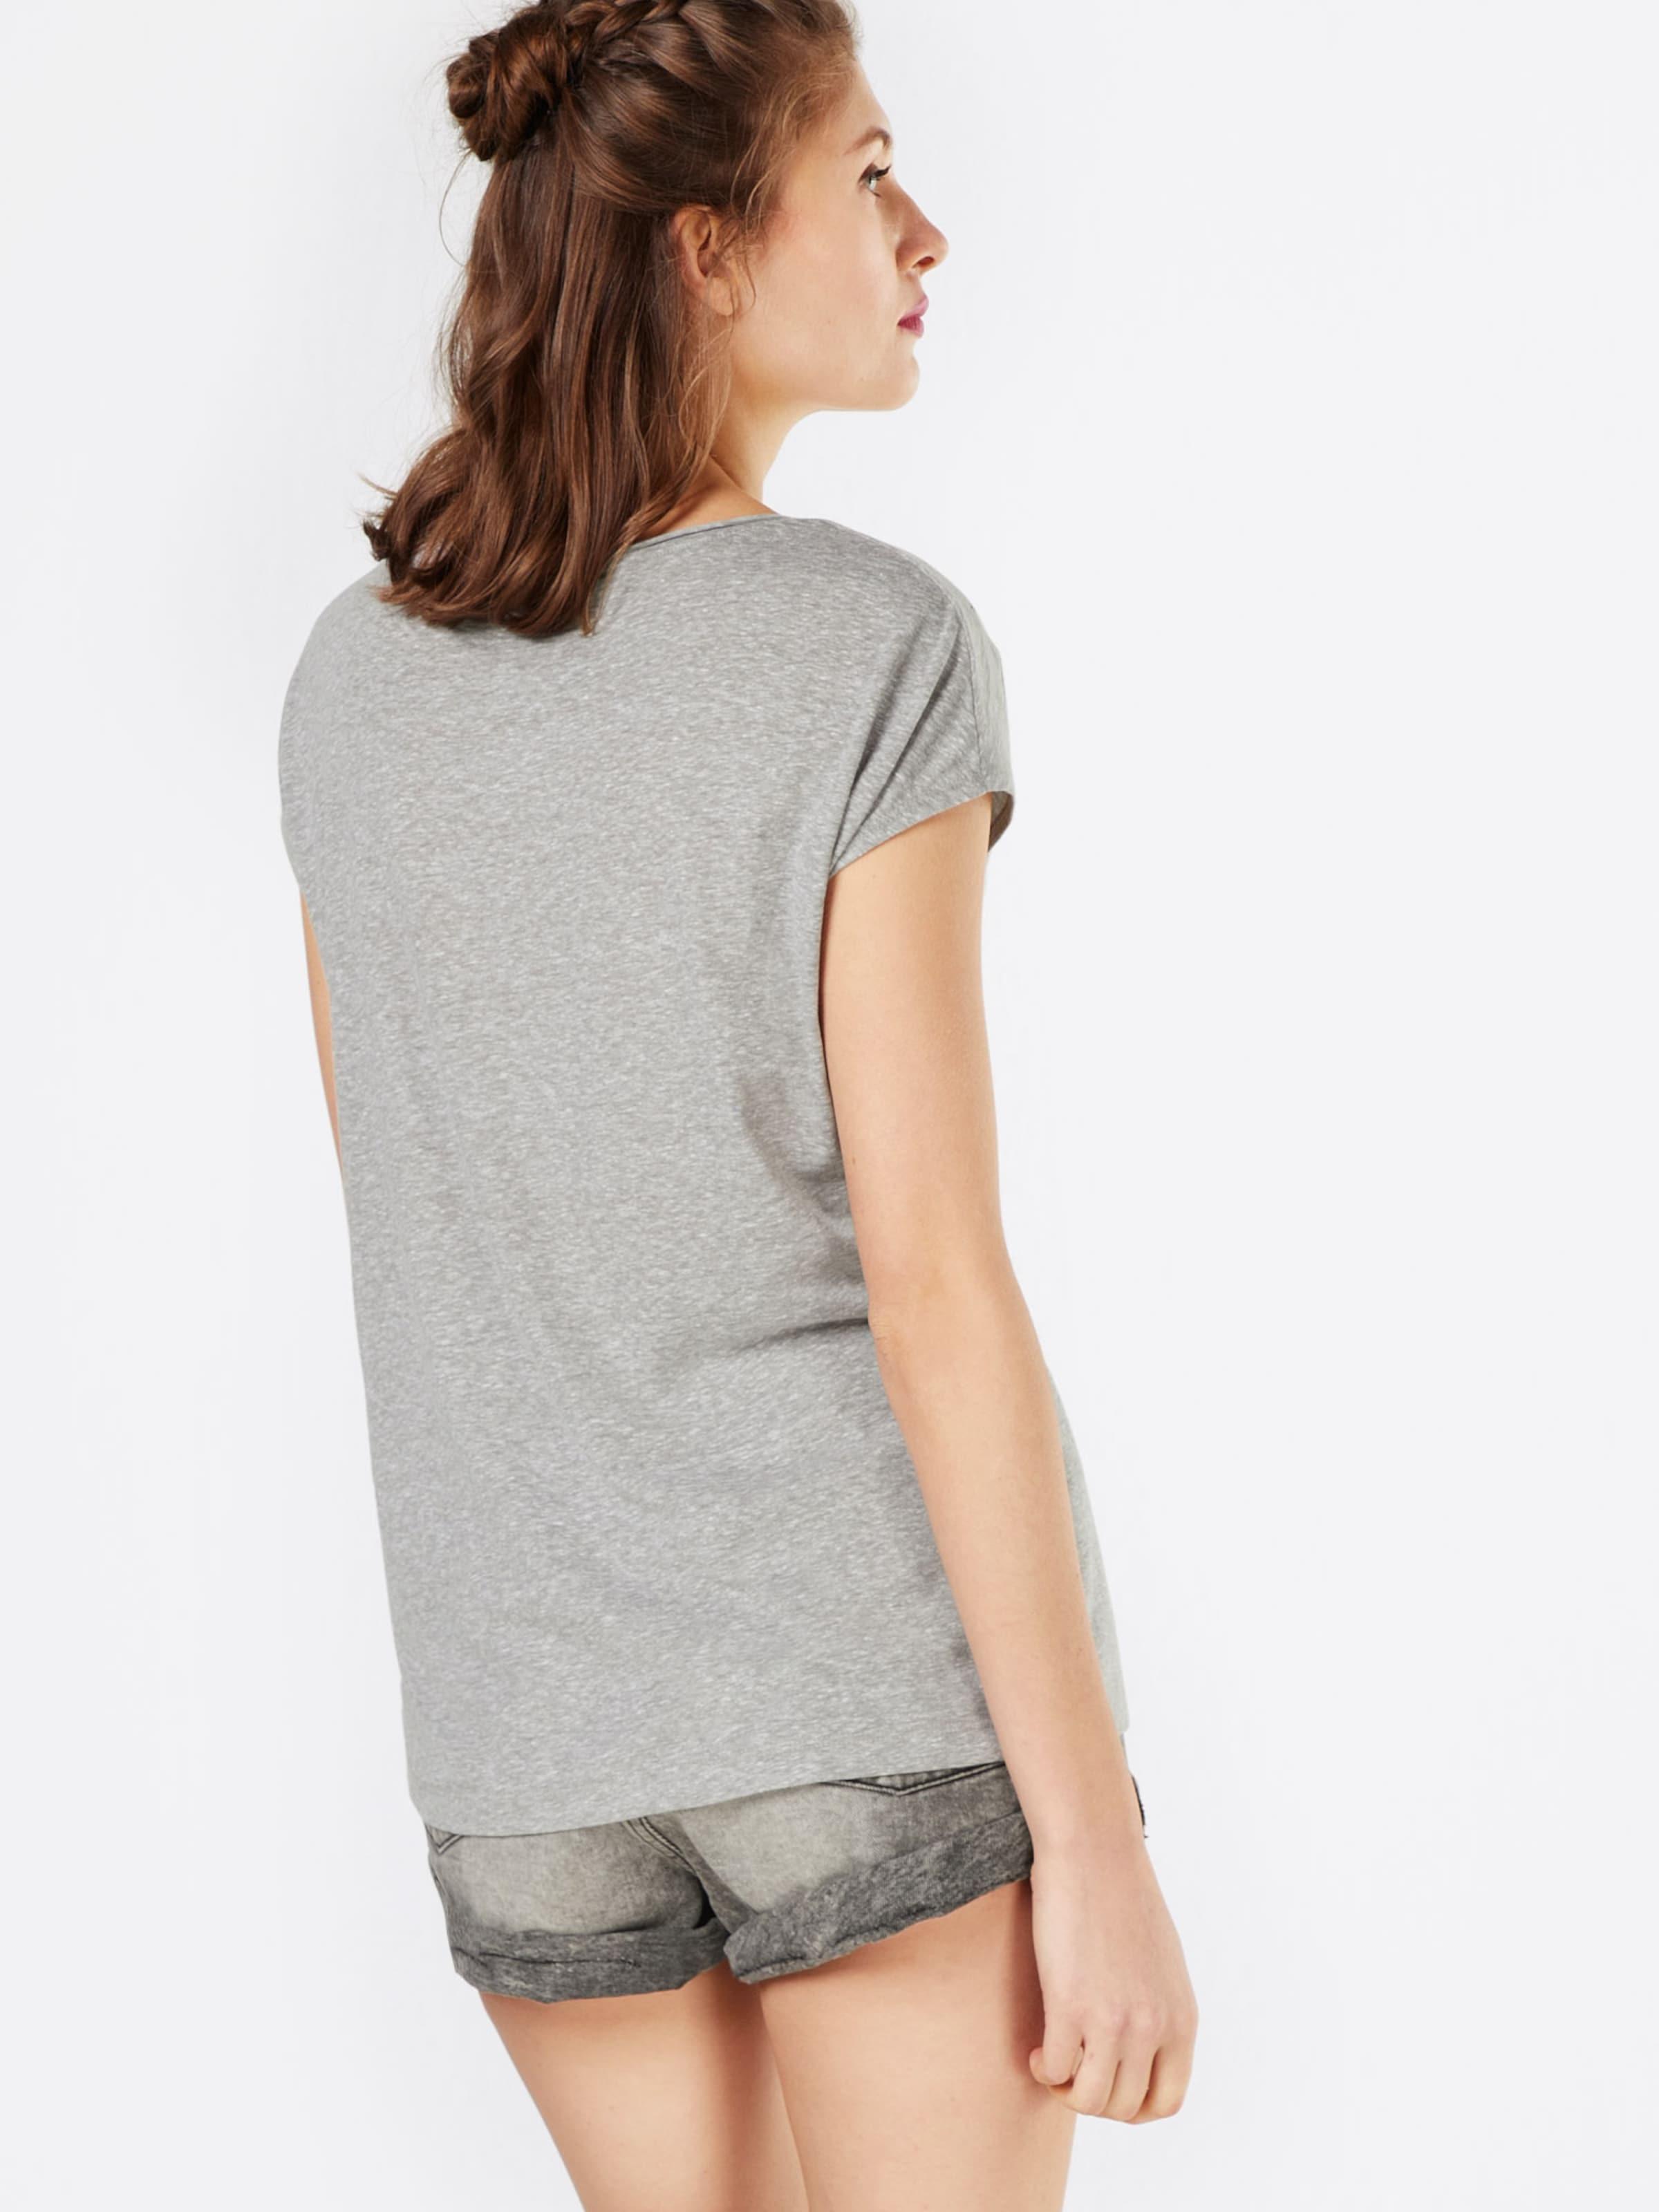 Spielraum Breite Palette Von Wirklich Billig Preis EDC BY ESPRIT Casual T-Shirt ONZzjY